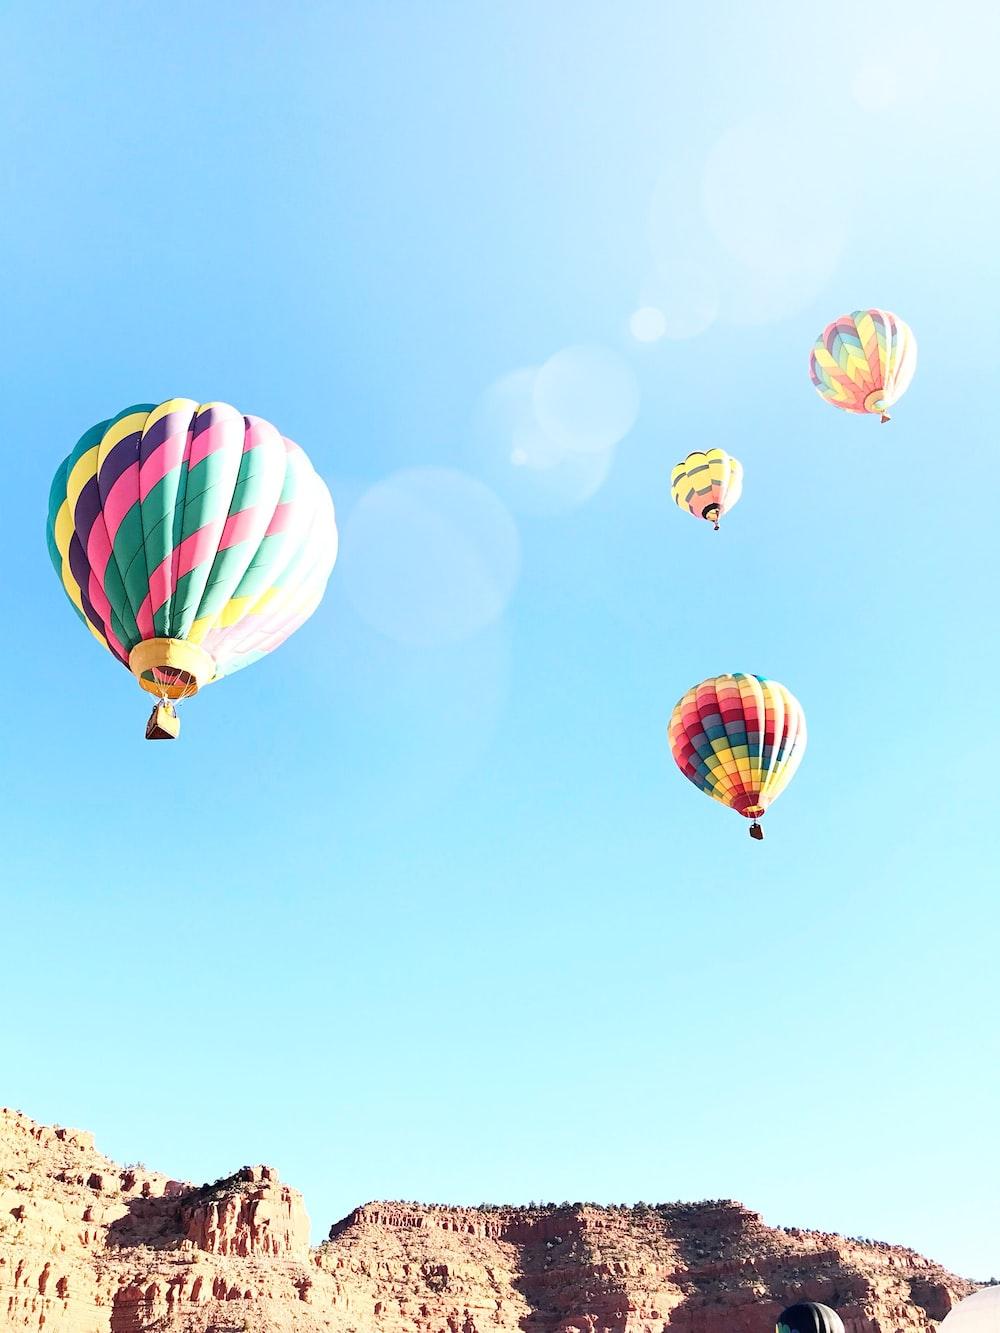 four hot air balloons